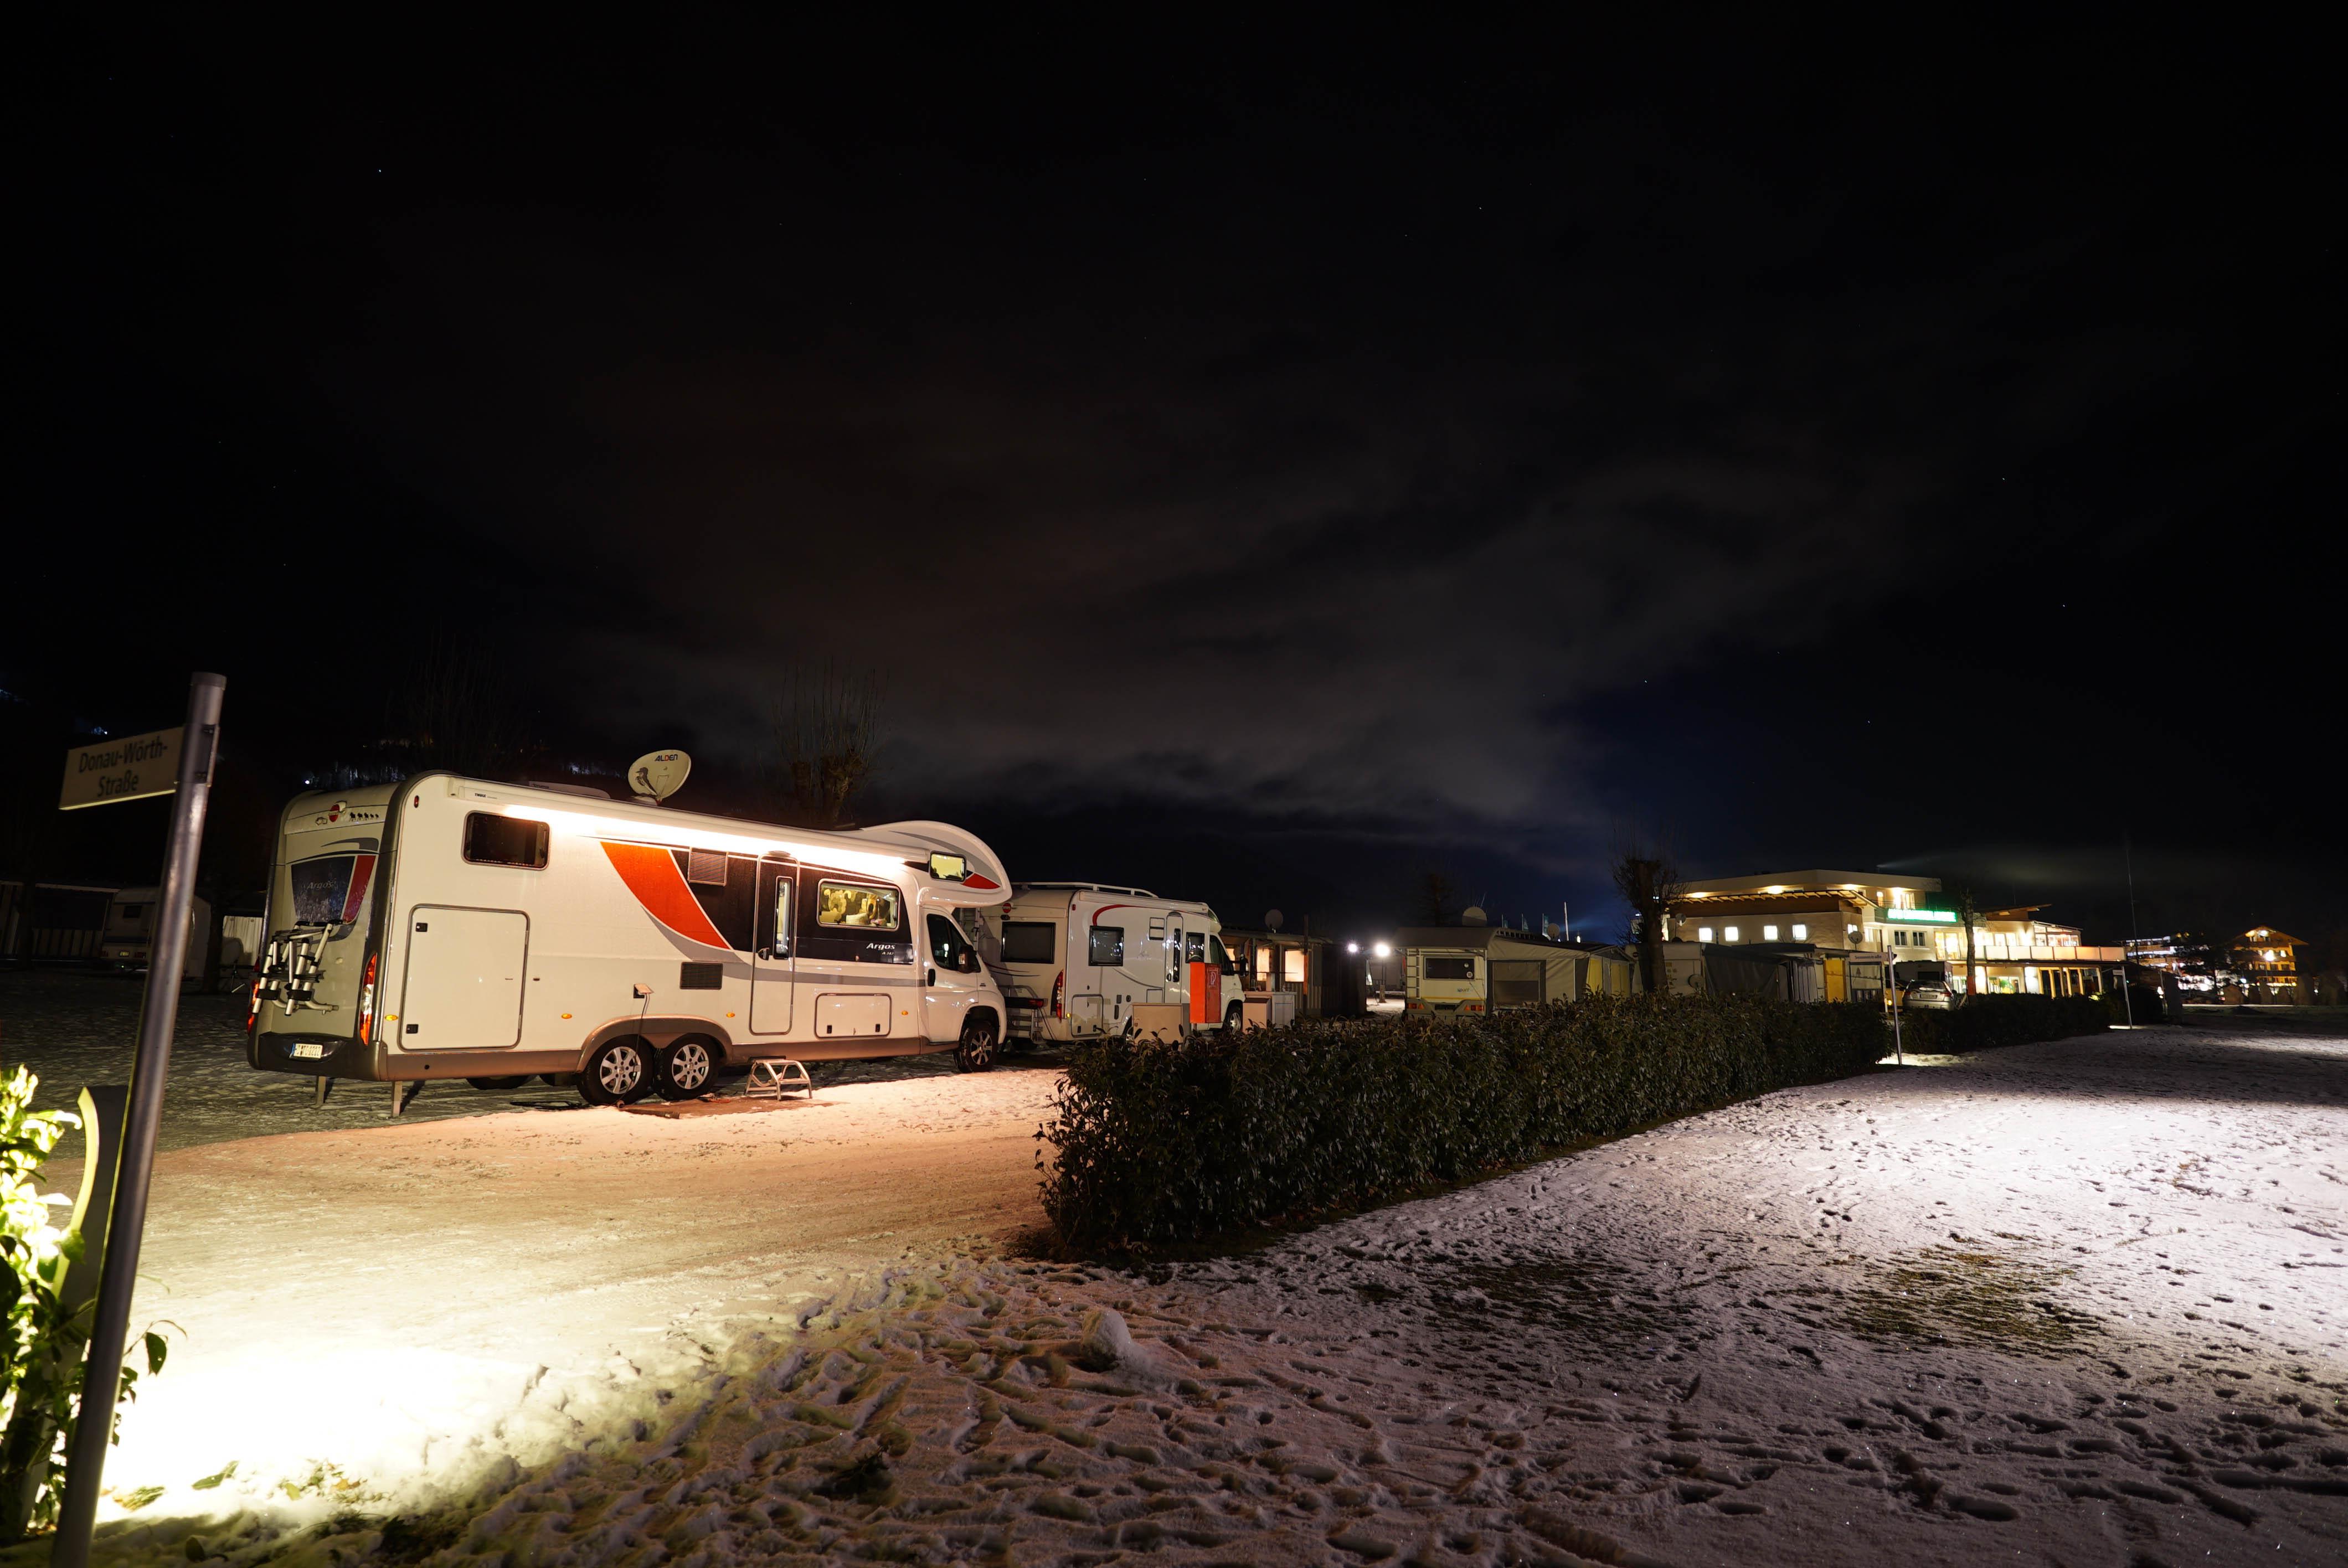 Alpen Caravanpark Achensee04